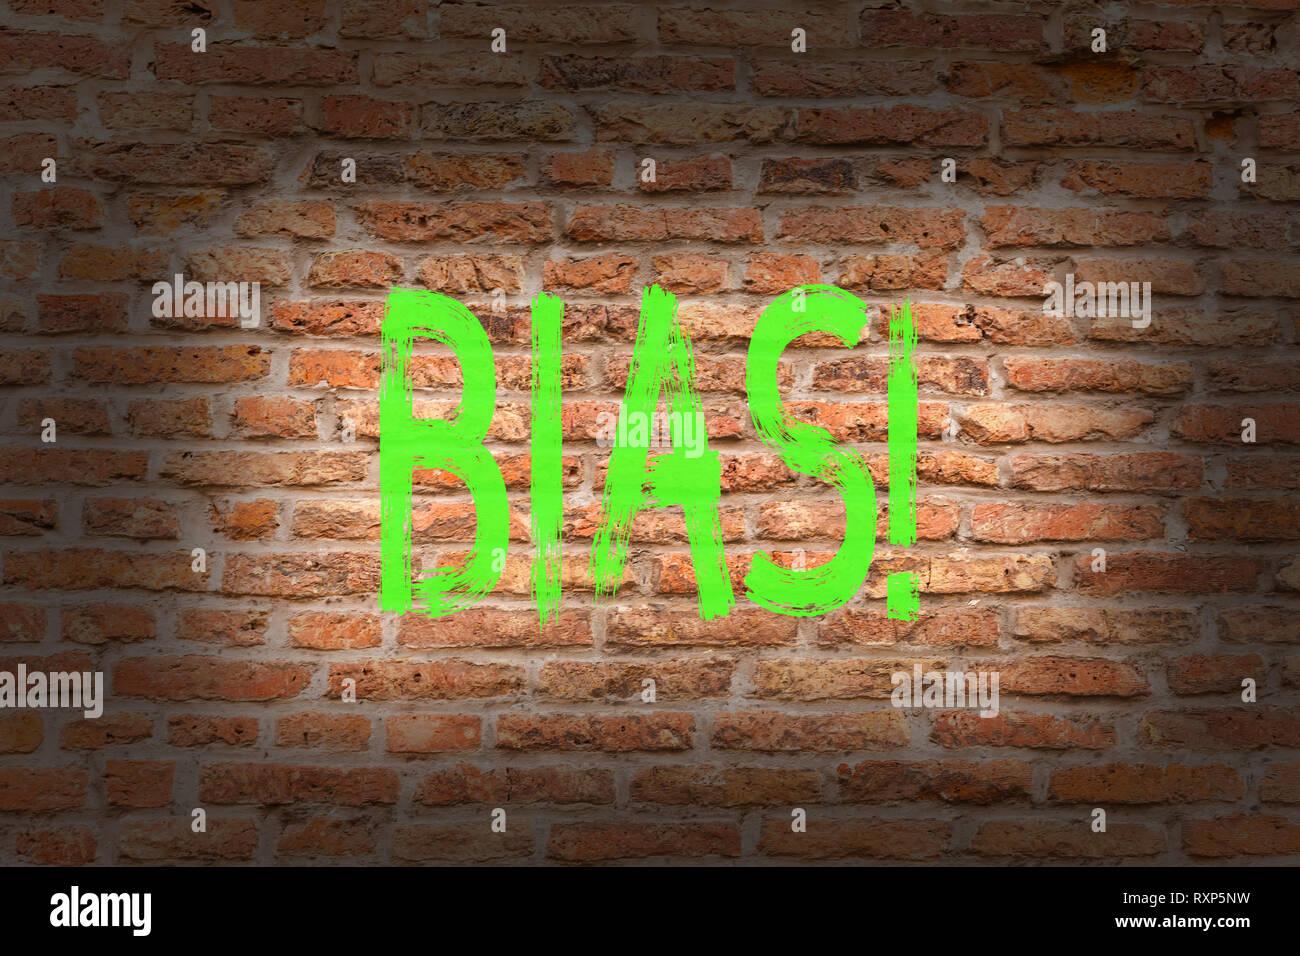 L'écriture de texte Word parti pris. Photo d'affaires mettant en valeur subjective caractère unilatéral de l'inégalité injuste préconception bigoterie brick wall art comme les graffitis motivat Photo Stock